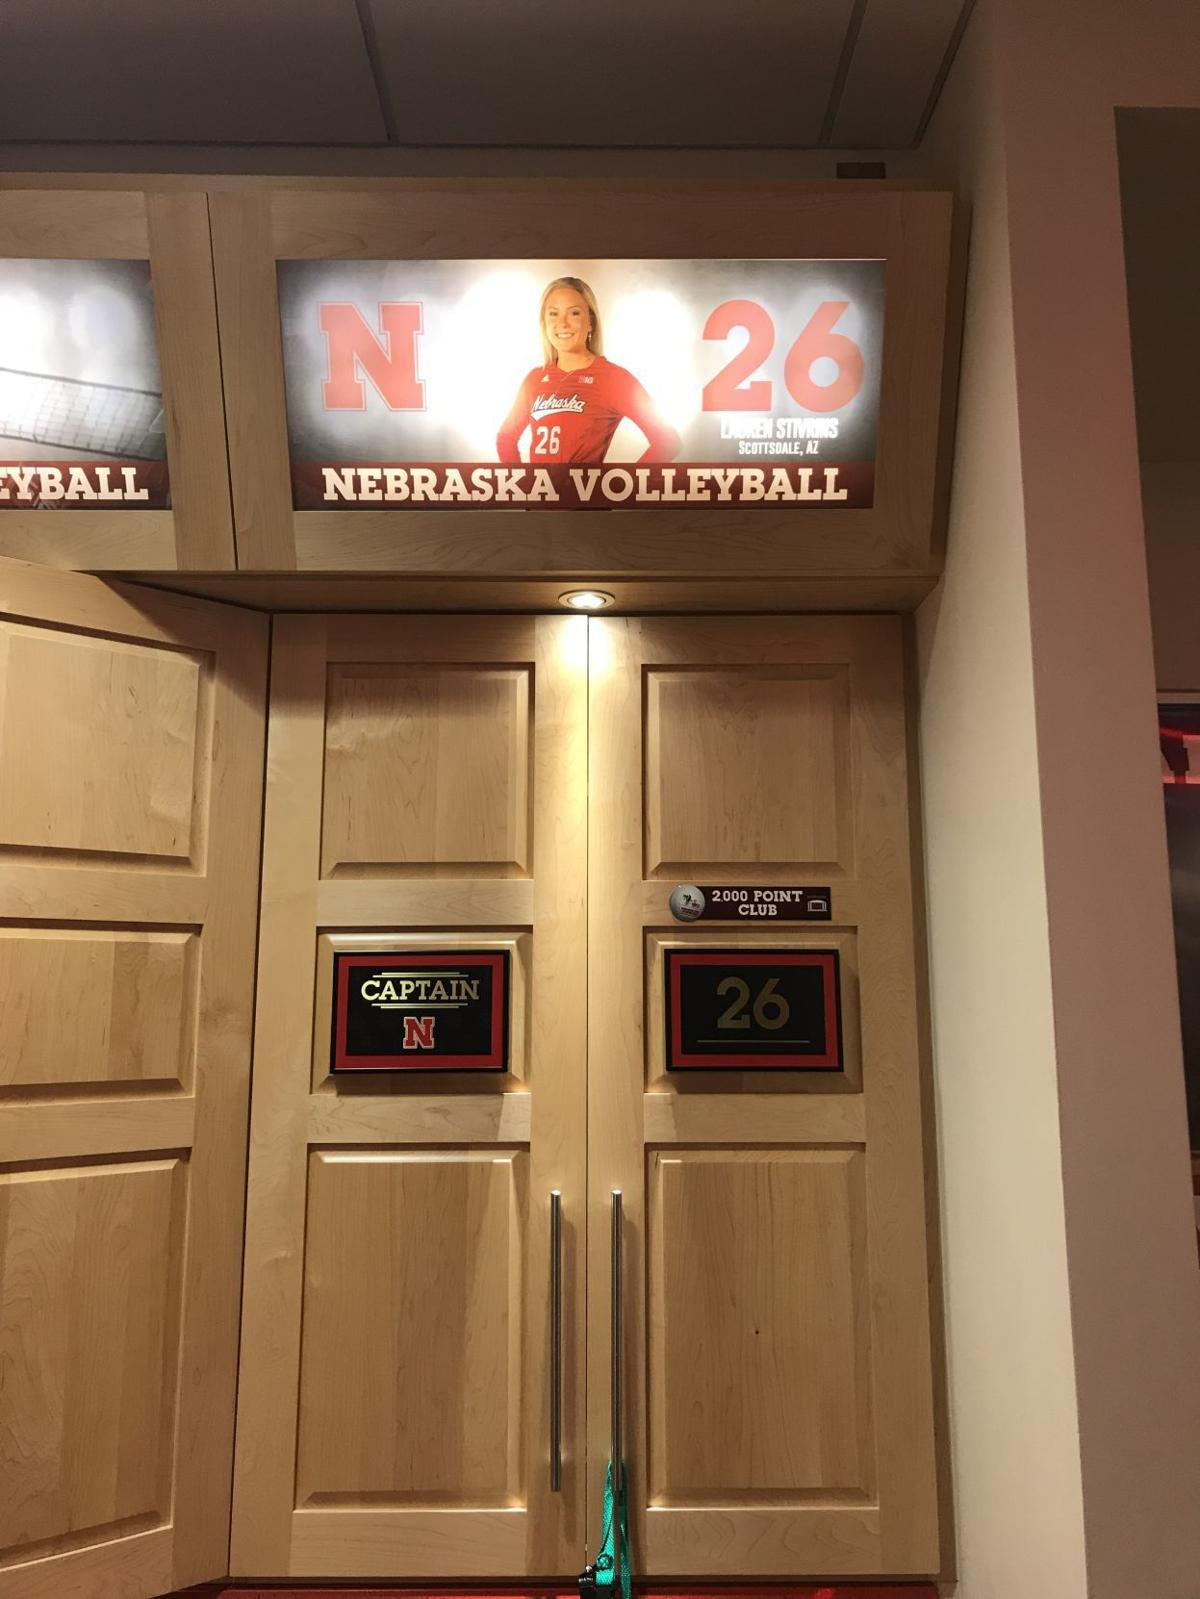 Lauren Stivrins locker room